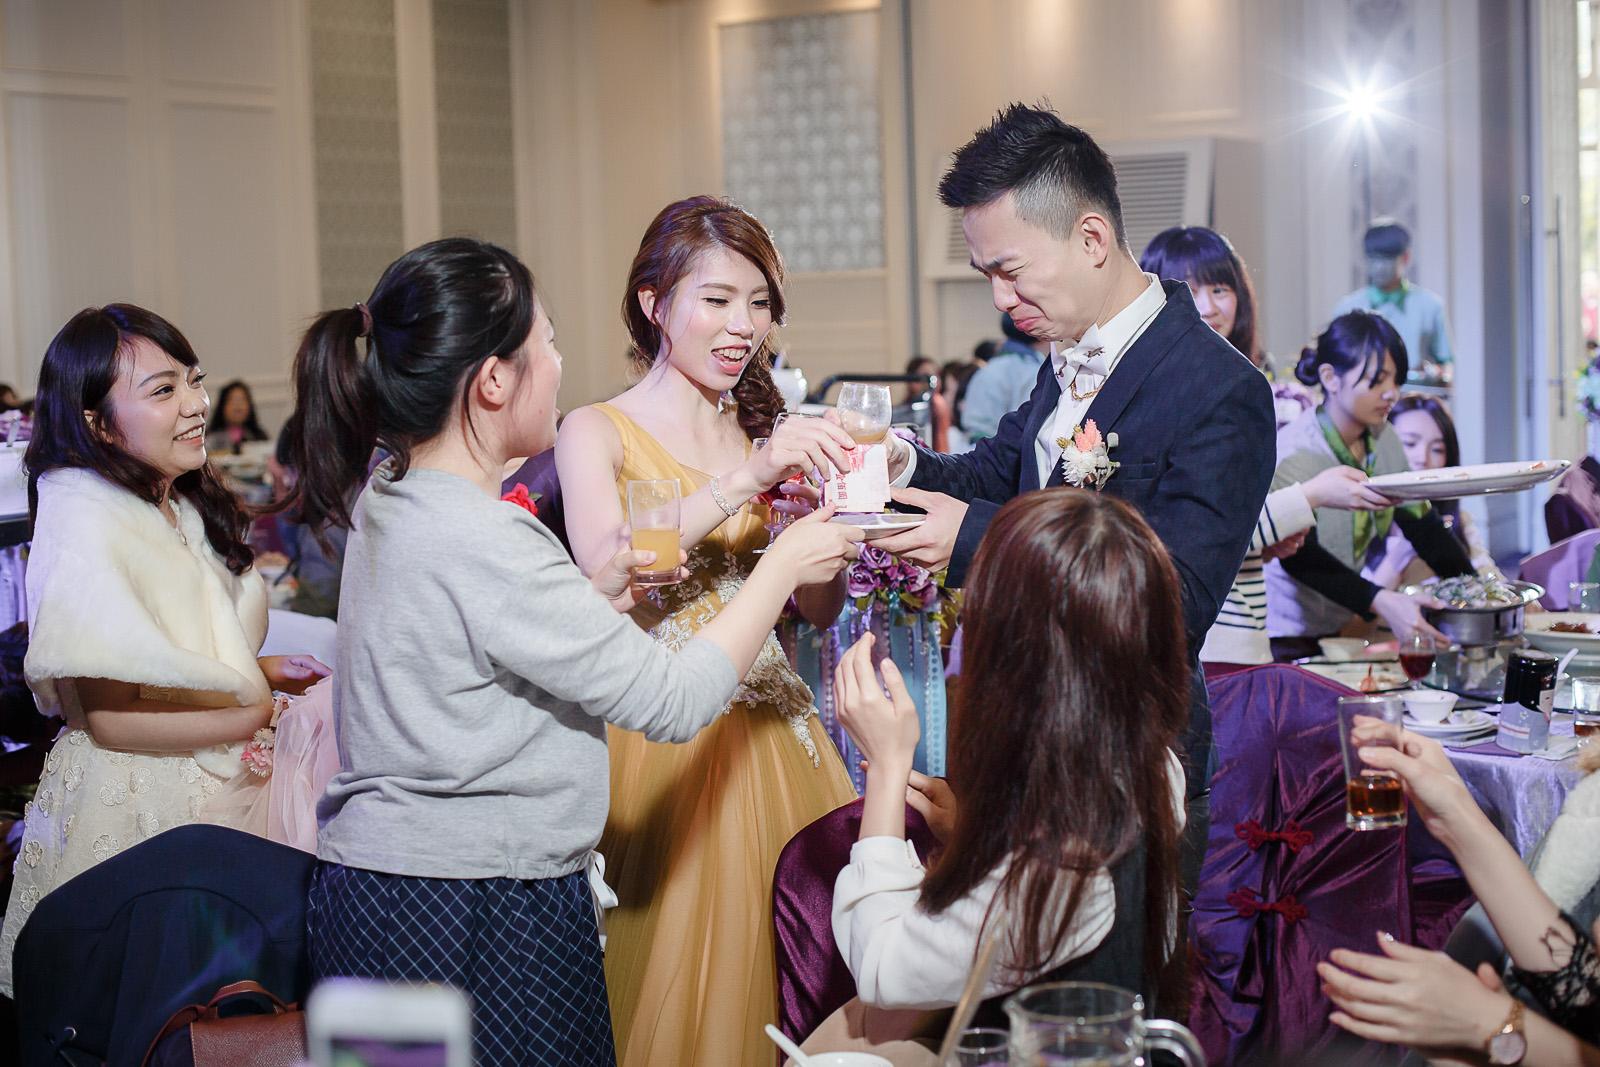 高雄圓山飯店,婚禮攝影,婚攝,高雄婚攝,優質婚攝推薦,Jen&Ethan-318